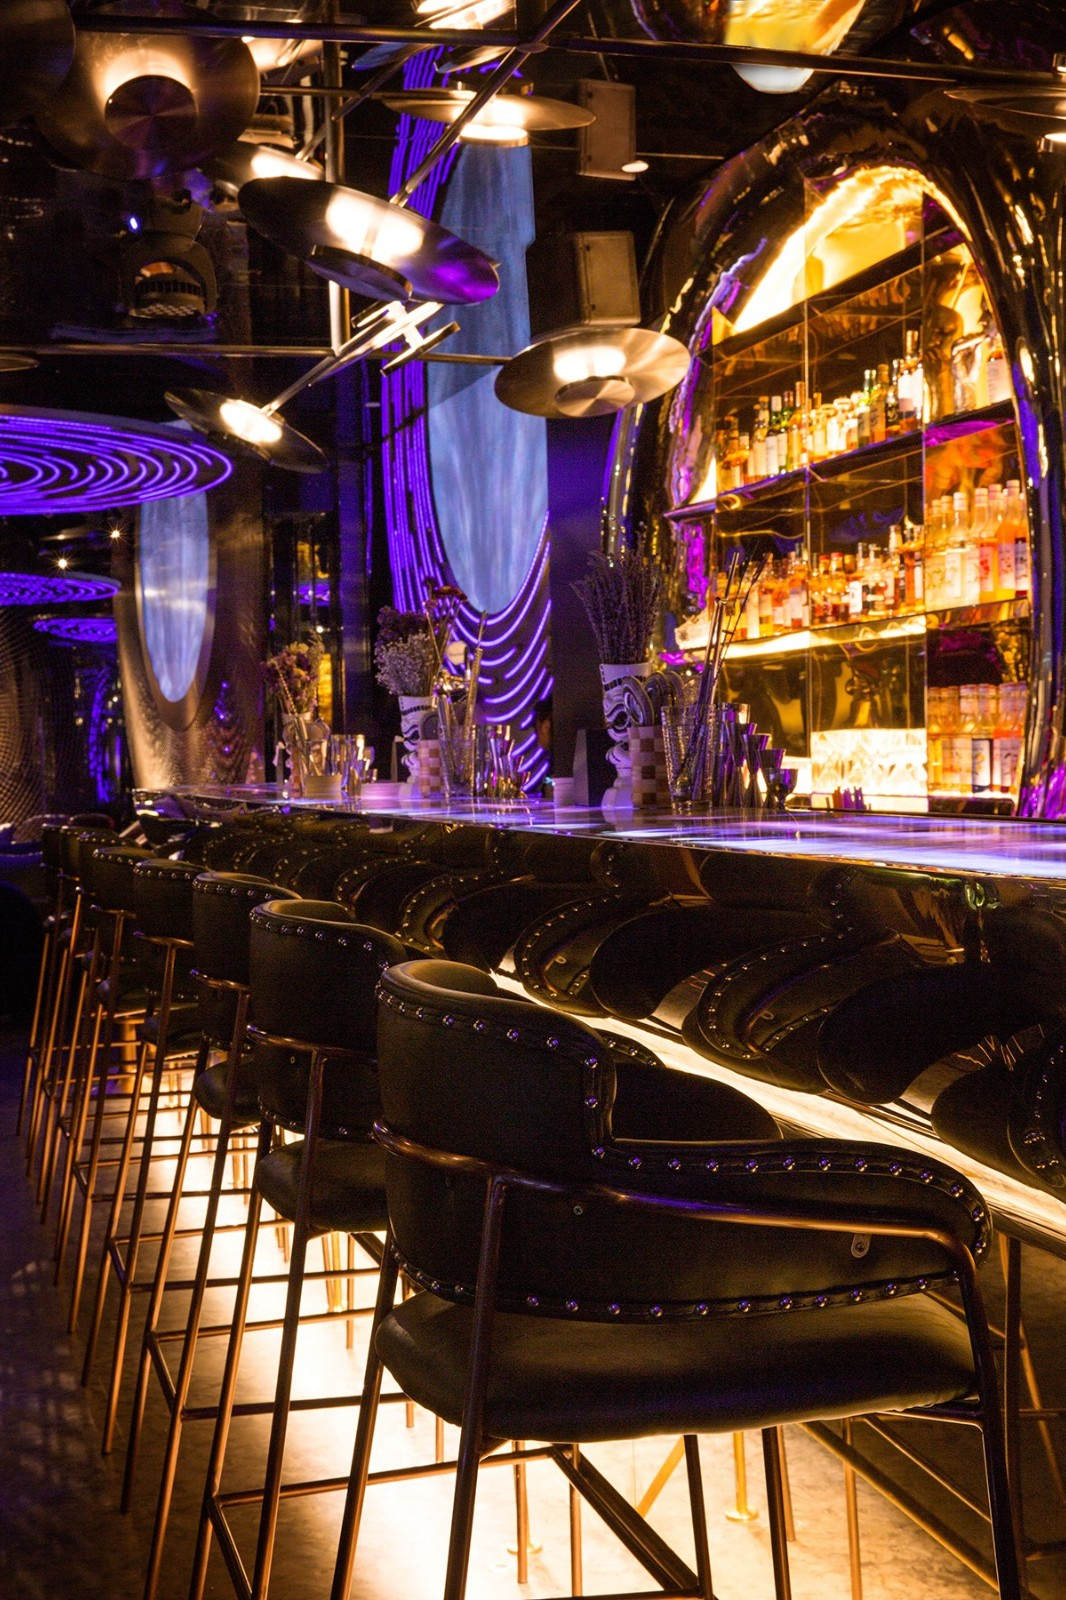 广州夜店新地标-太空主题星舰酒吧